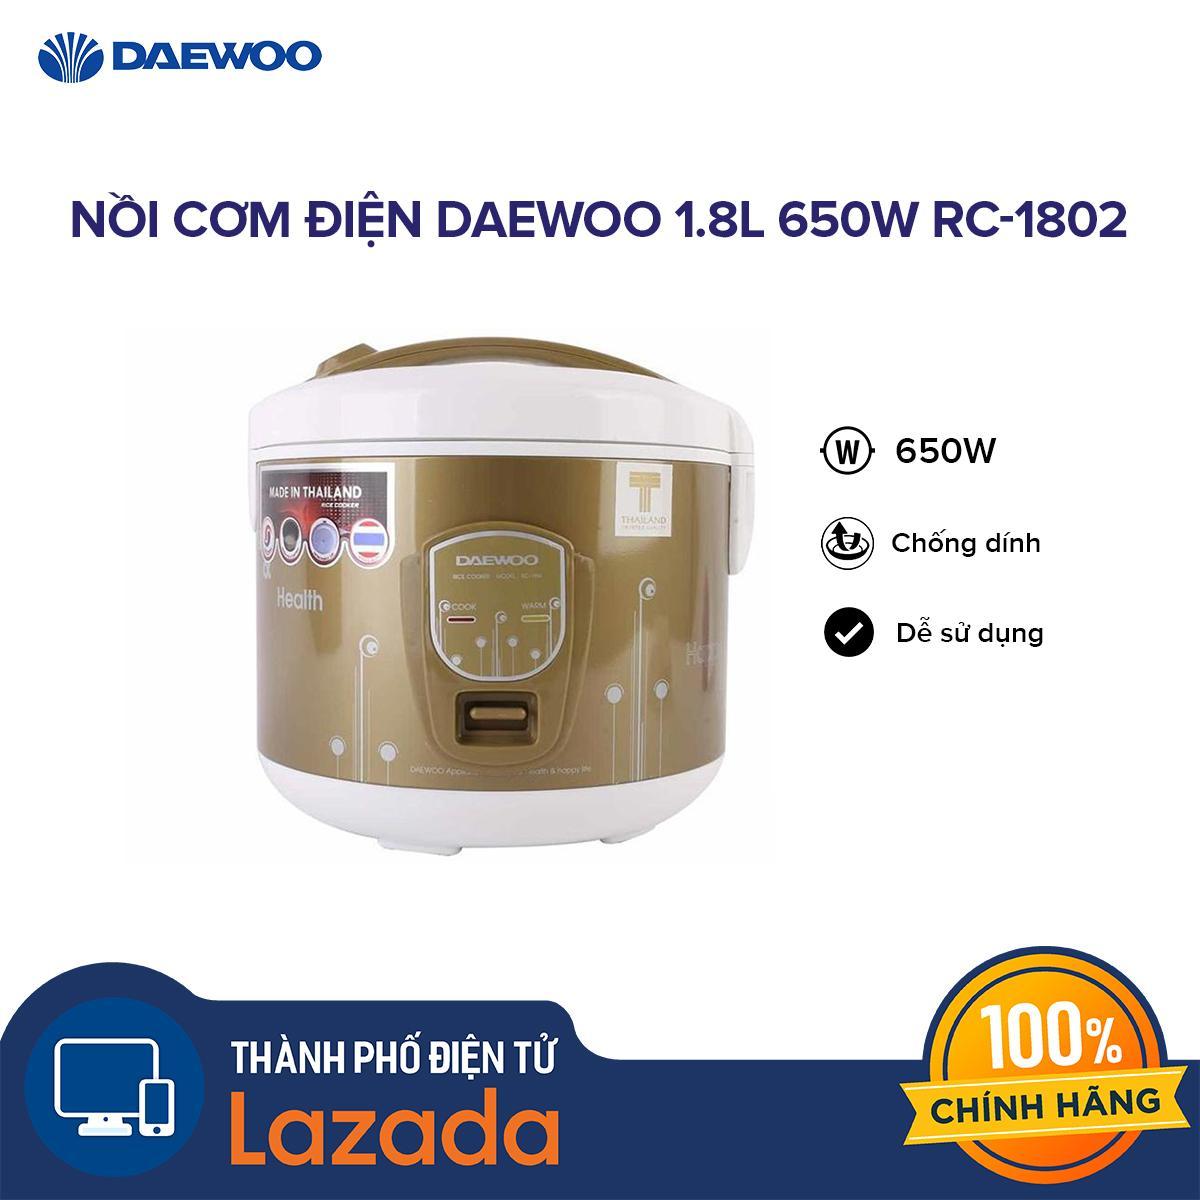 Giá Nồi cơm điện Daewoo 1.8L 650W RC-1802